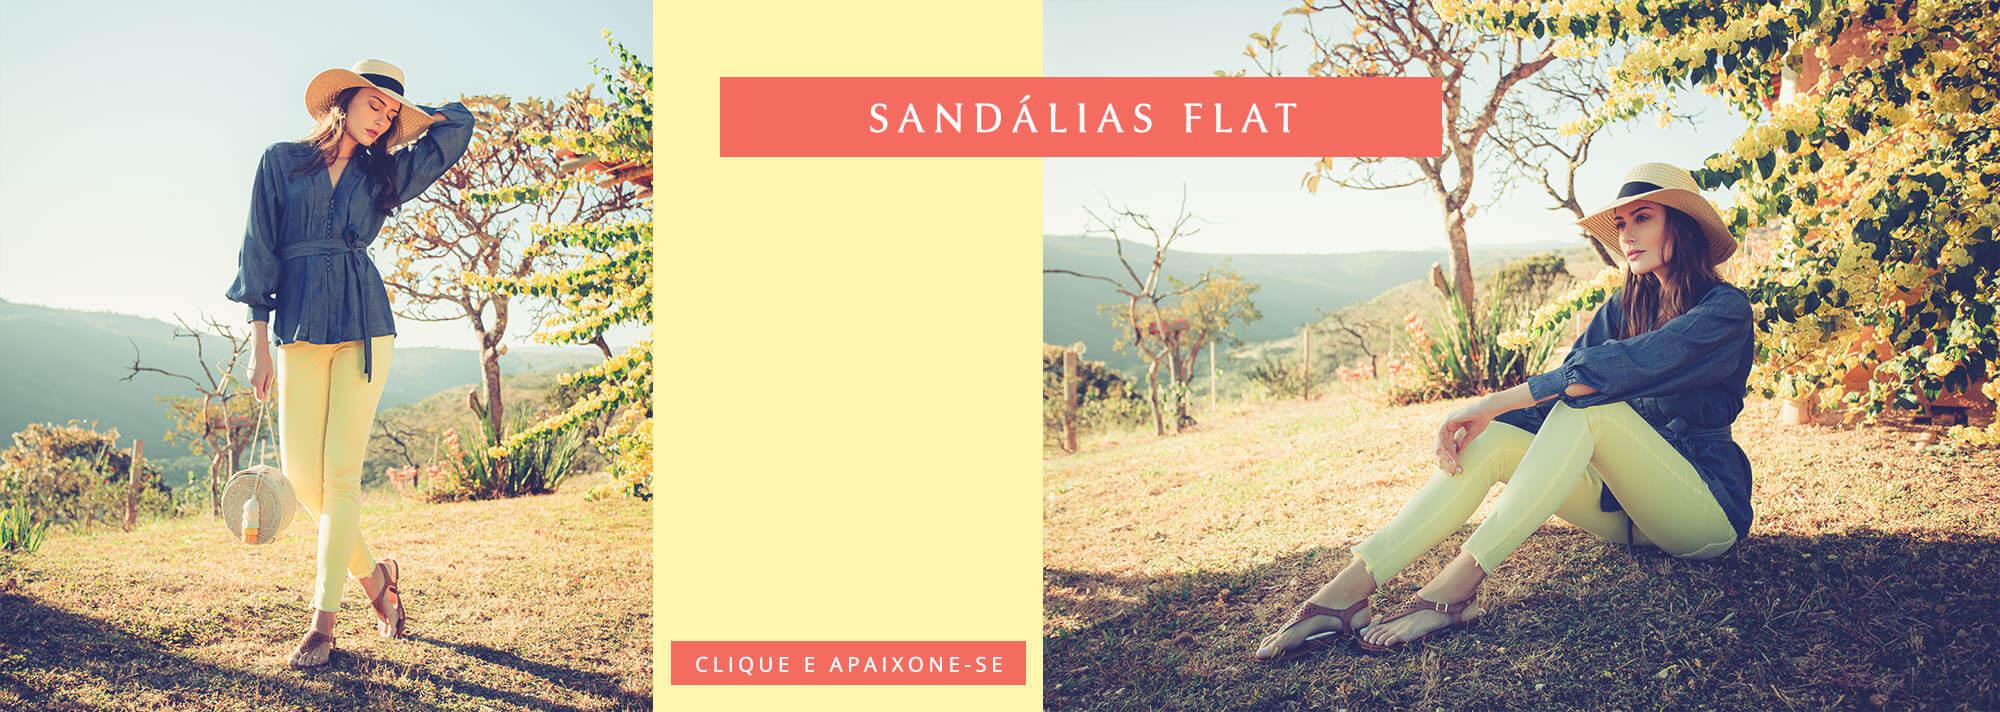 Full Banner - Verão 2020 - Flat